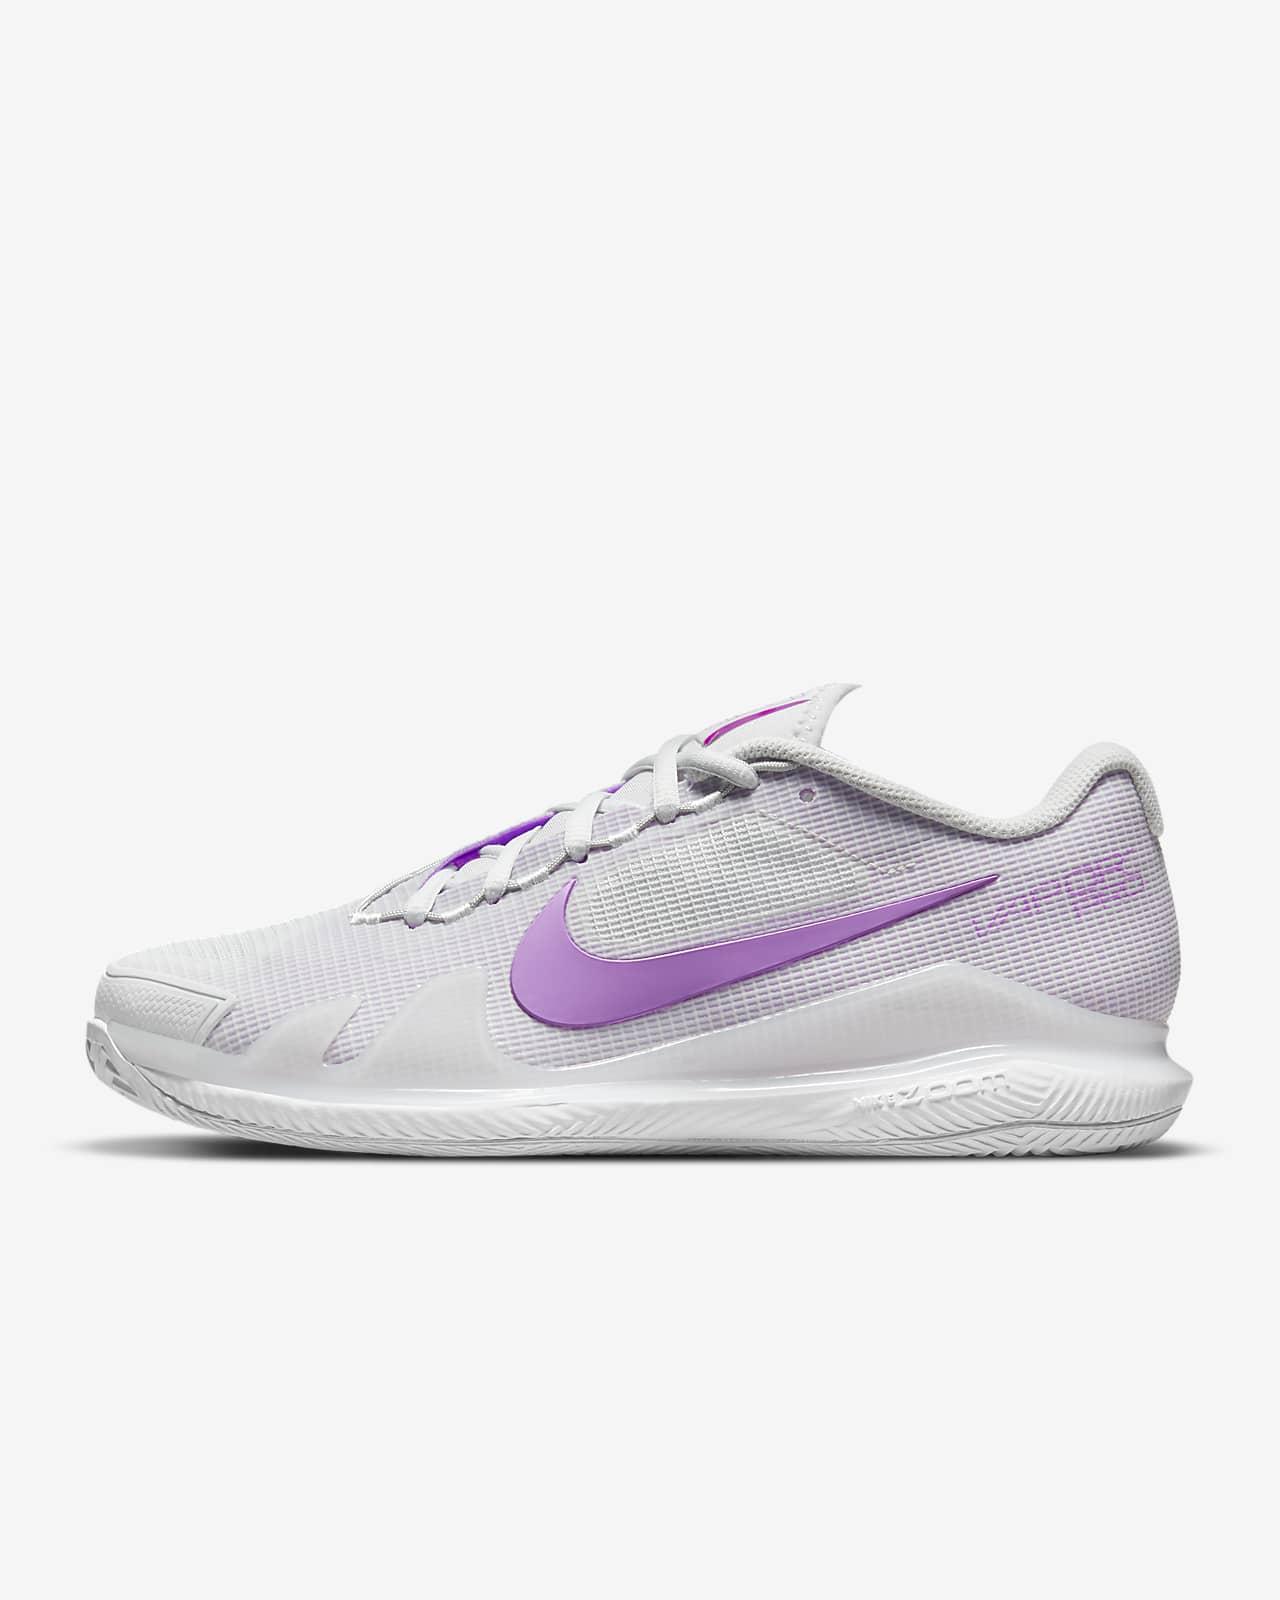 Chaussure de tennis pour terre battue NikeCourt Air Zoom Vapor Pro pour Femme